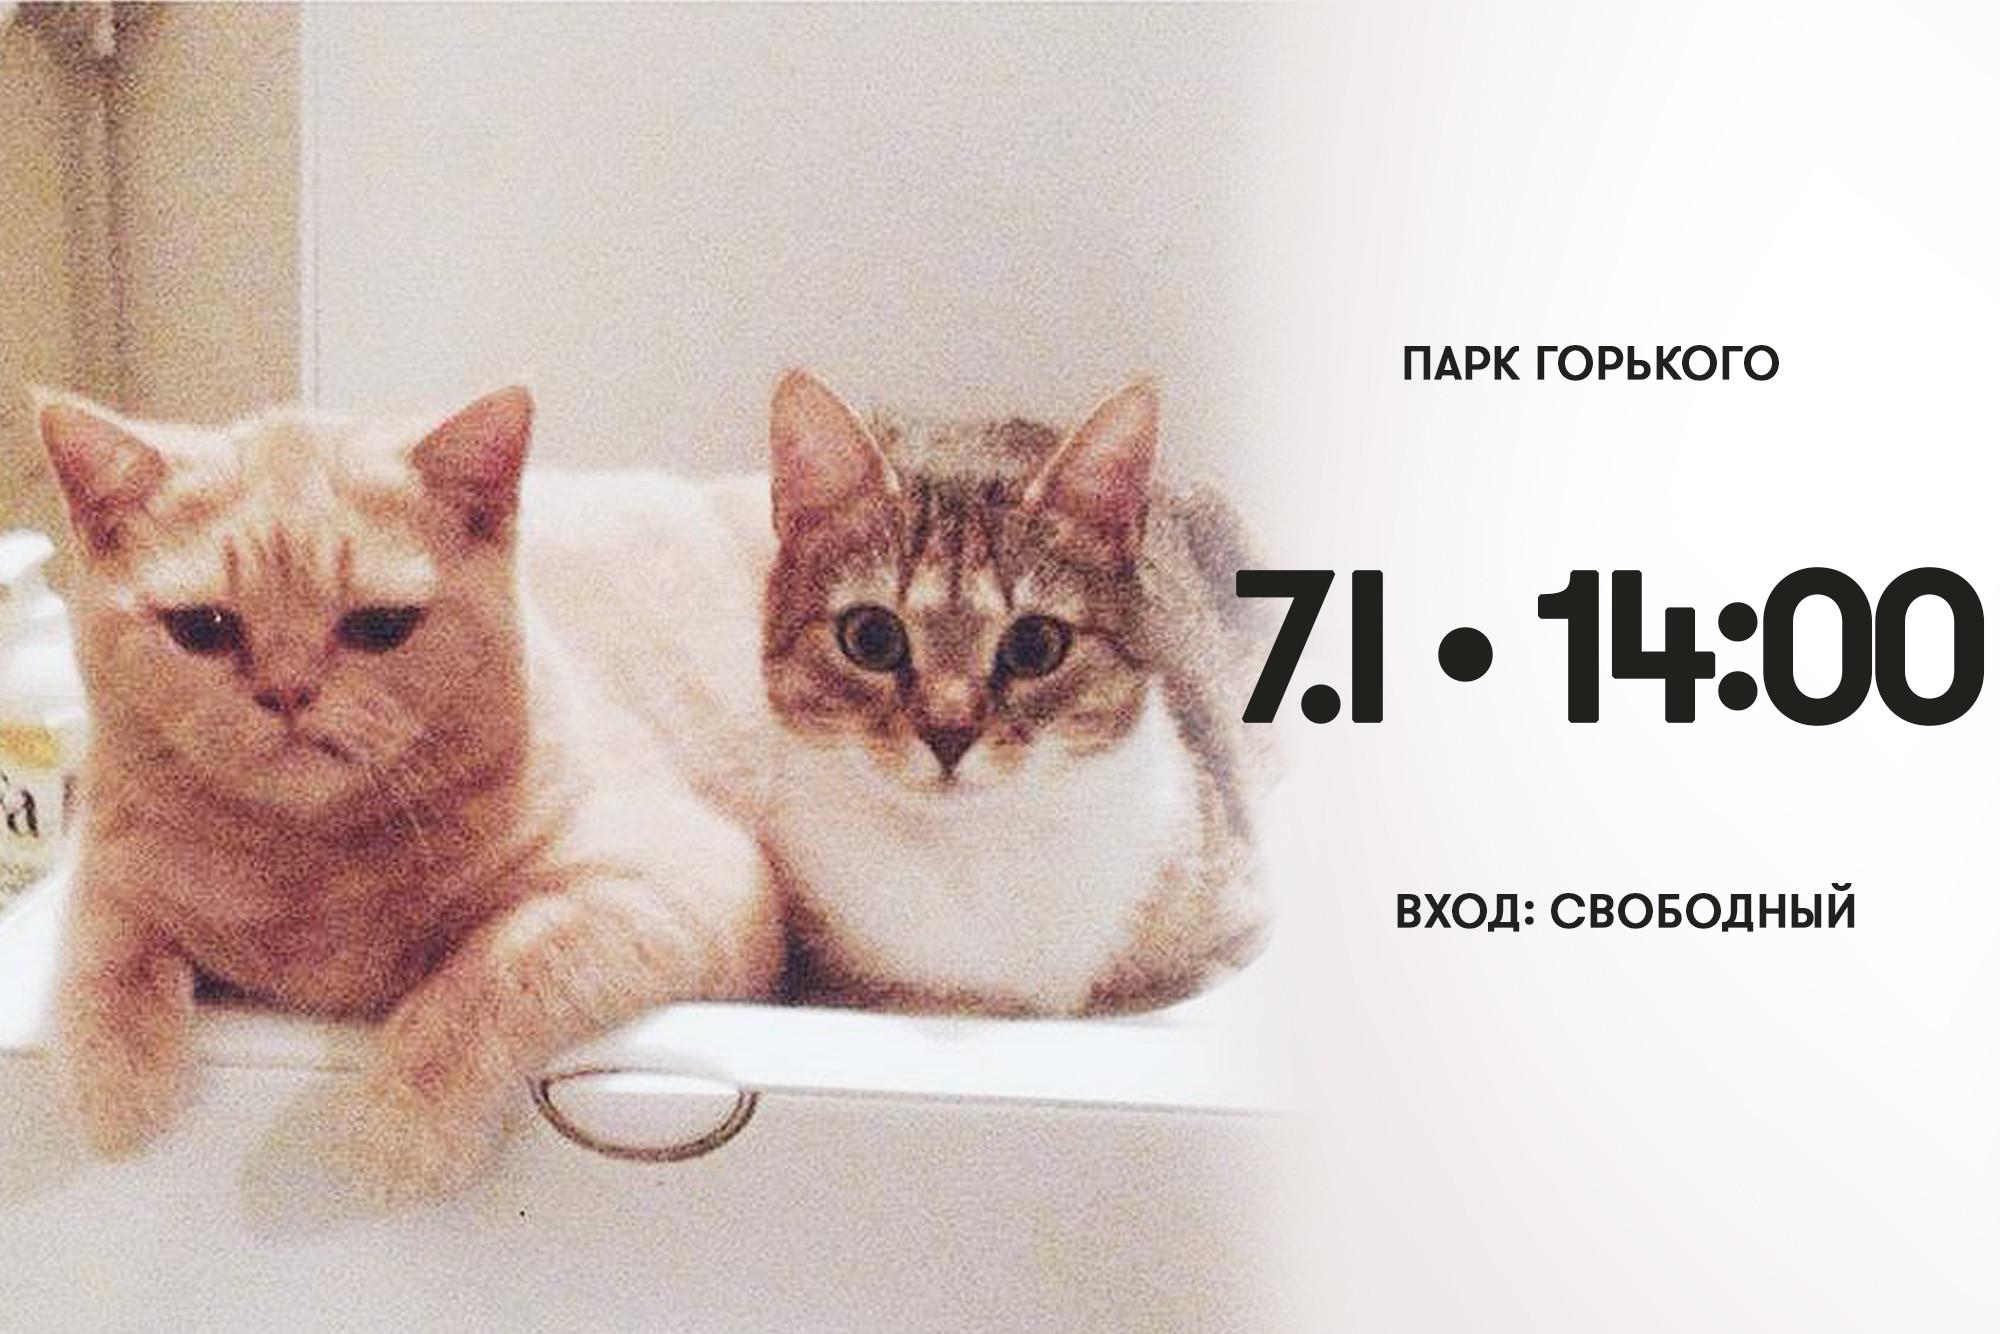 Анонсируют семейное событие кошки Персифона и Кассиопея